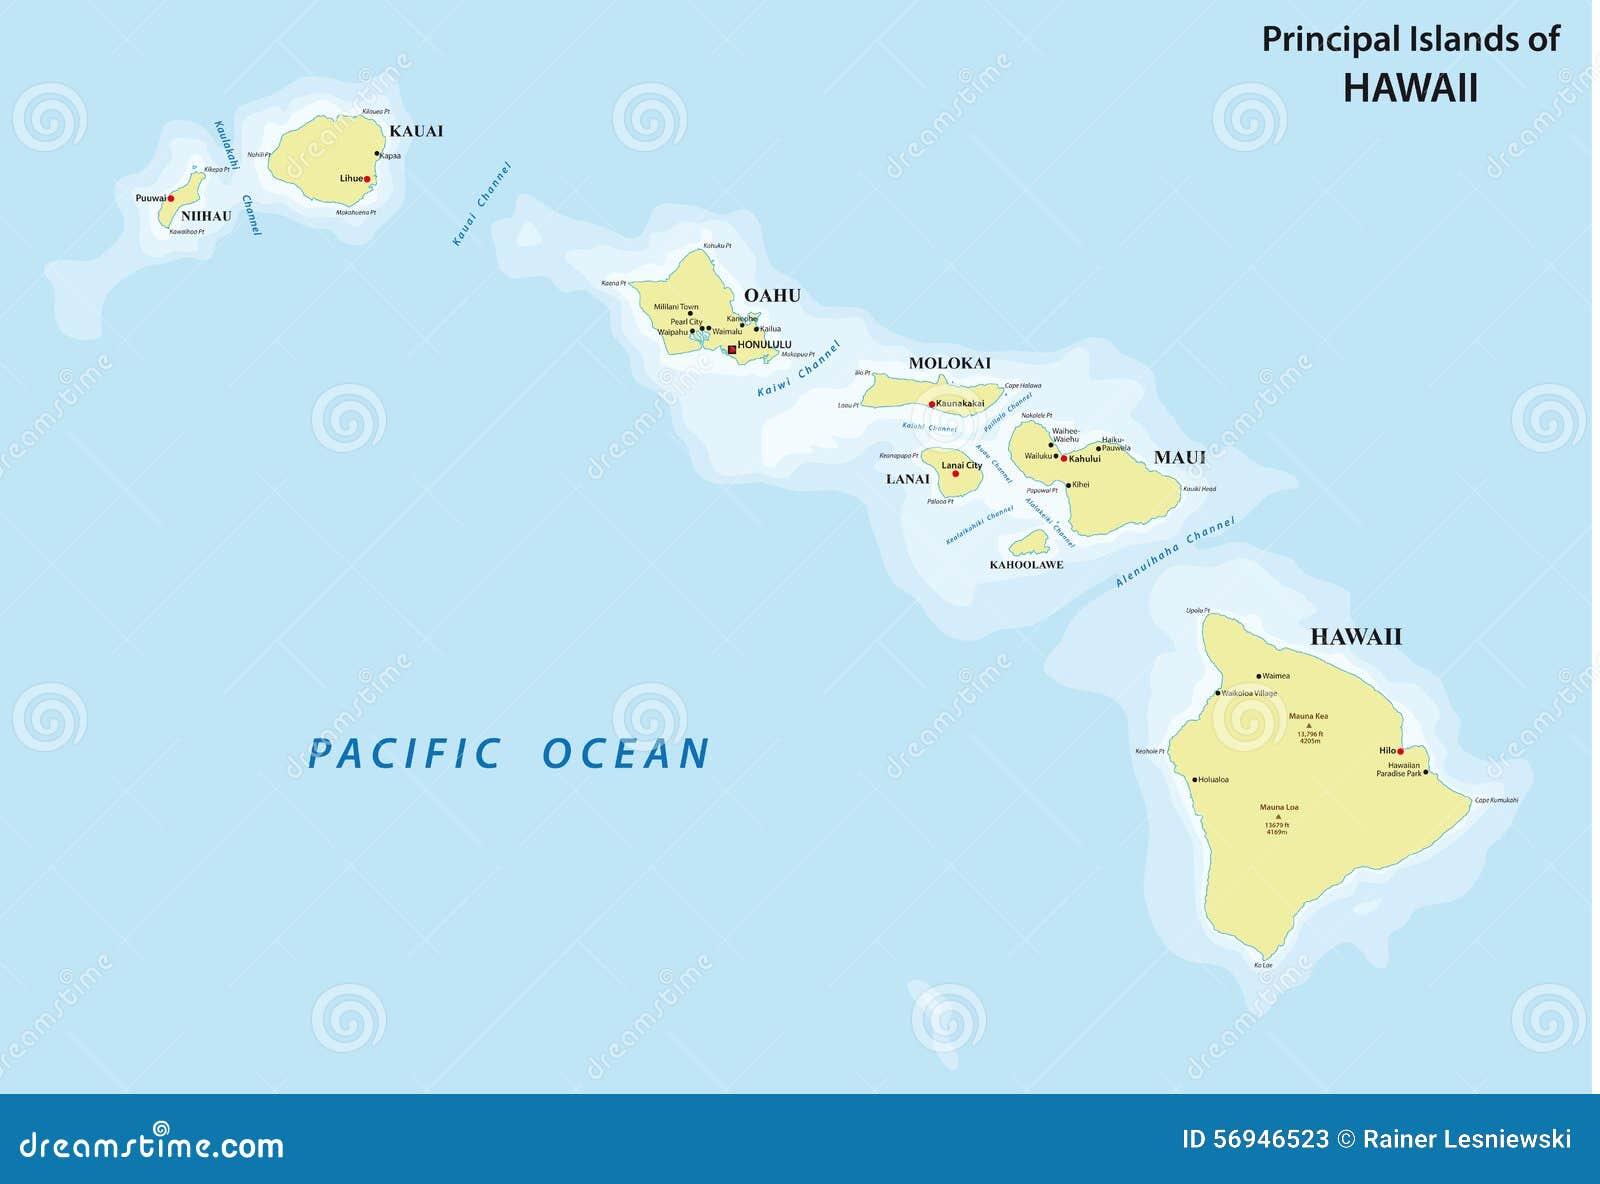 havai mapa Mapa de Havaí ilustração stock. Ilustração de principal   56946523 havai mapa